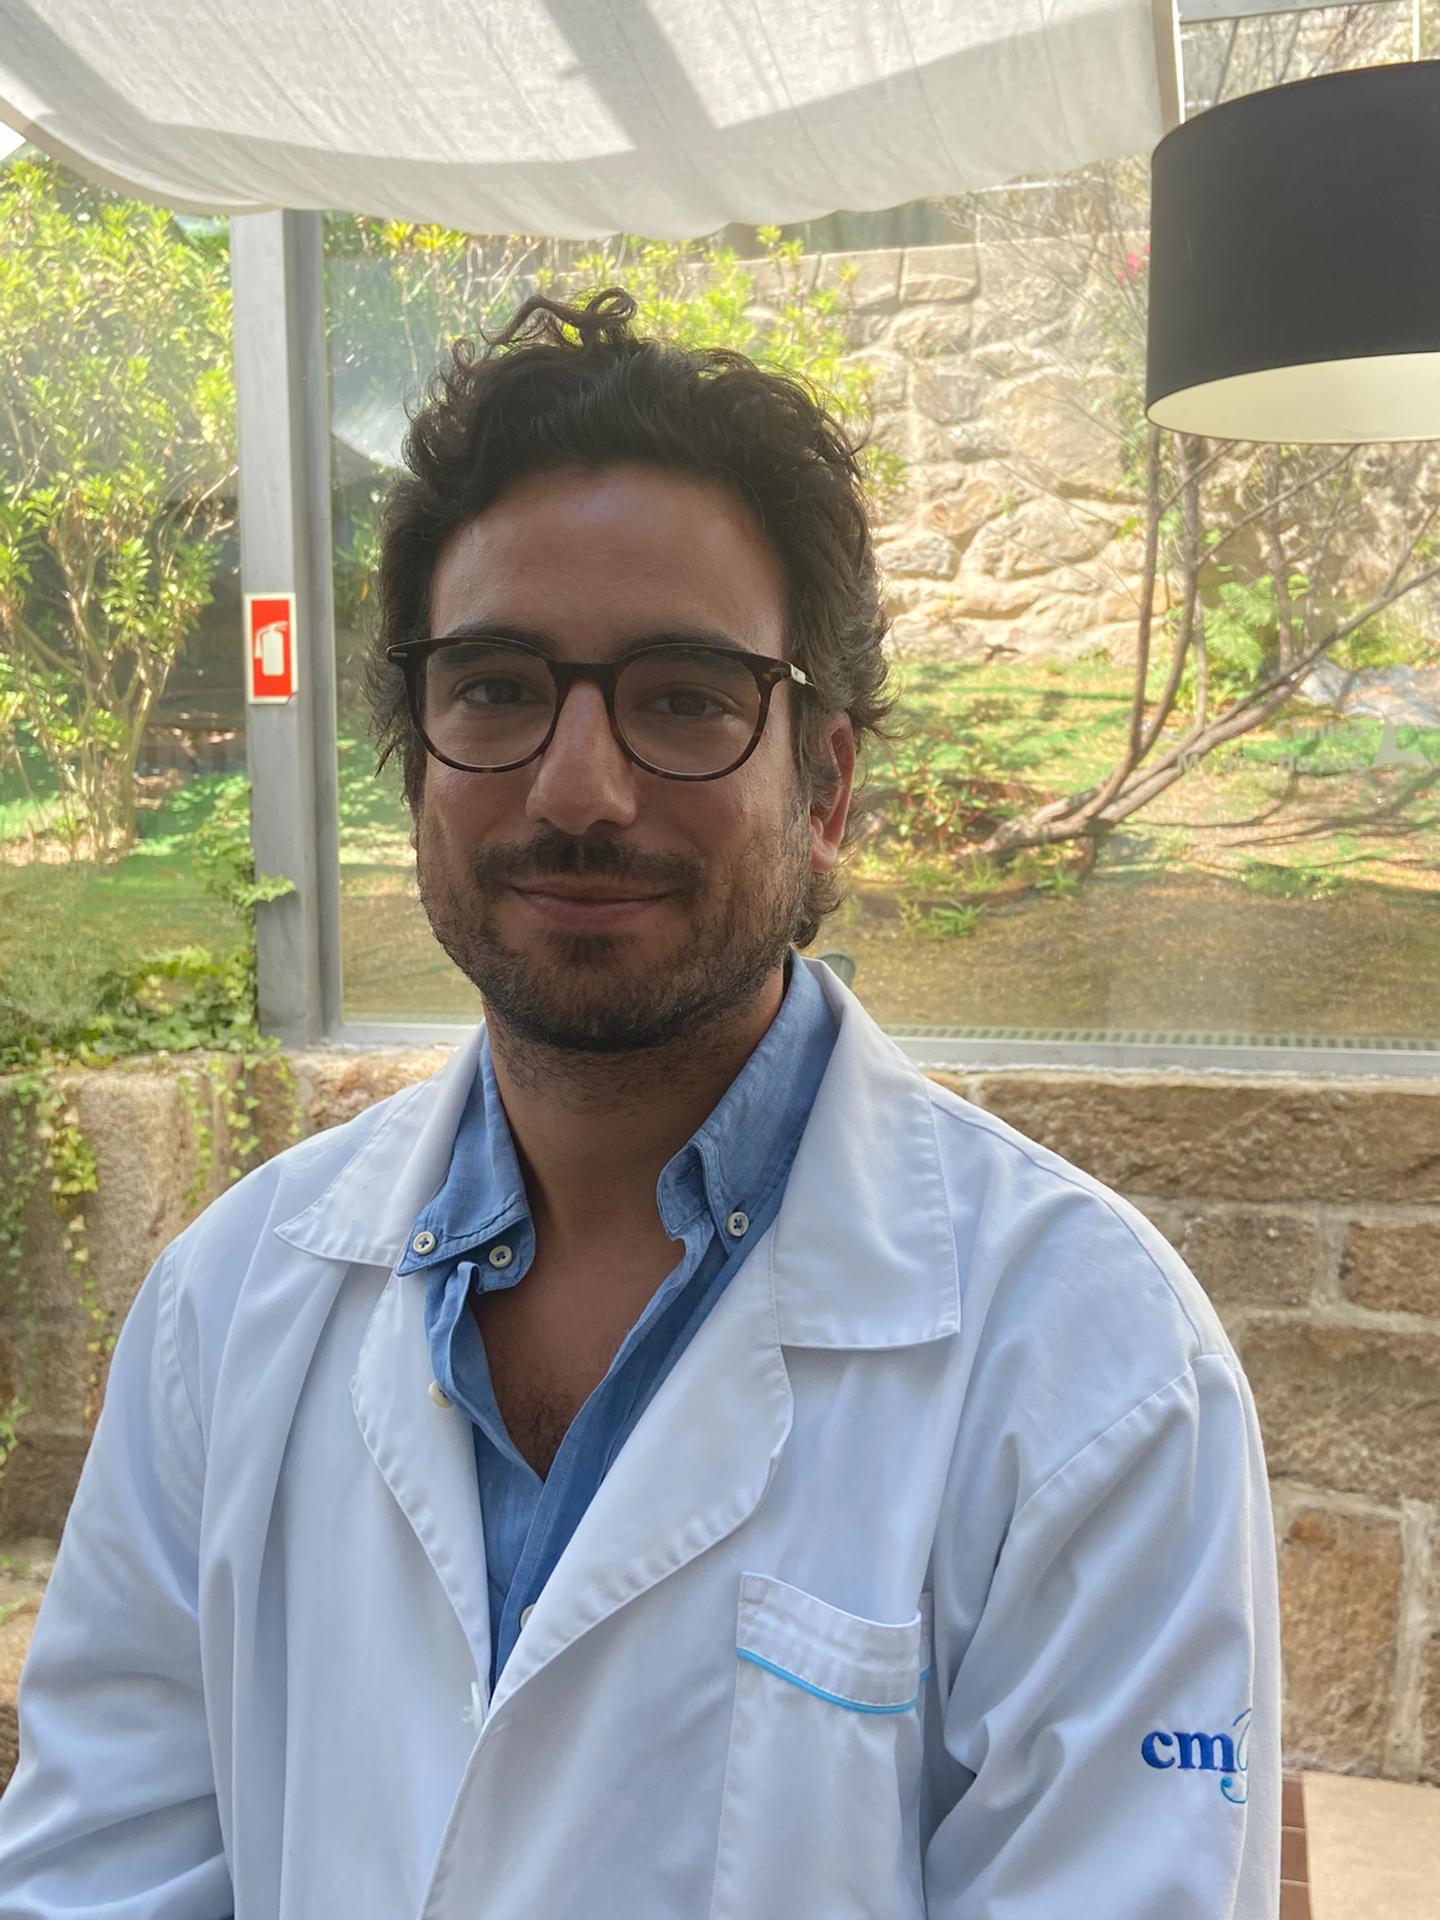 Prof. Doutor Lopes Vaz - Clinica Médica da Foz